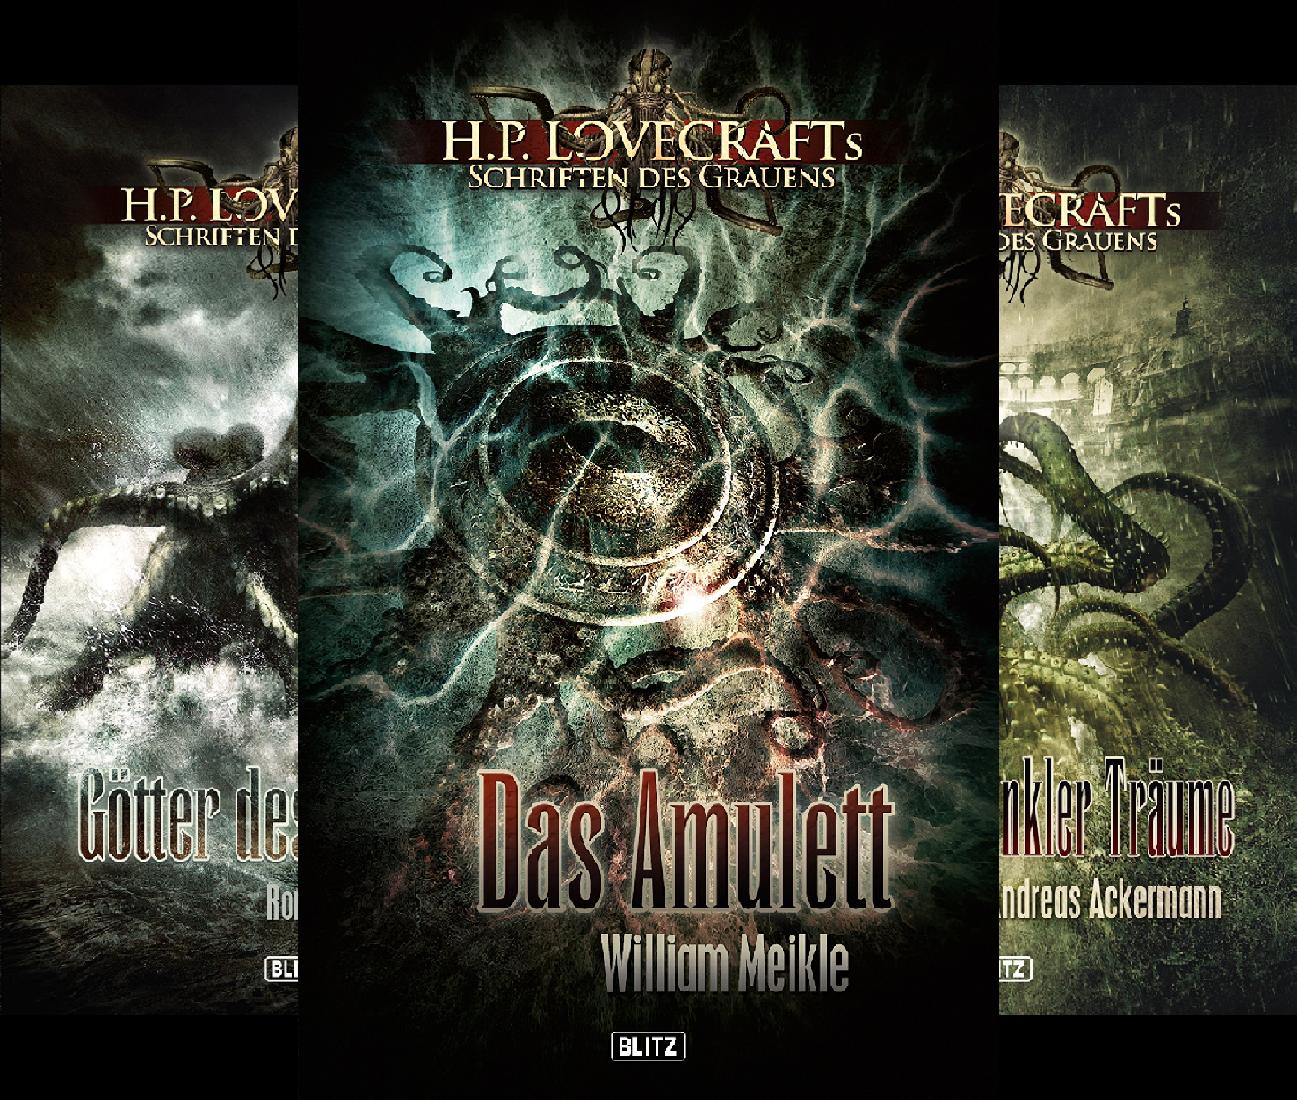 H. P. Lovecrafts Schriften des Grauens (Reihe in 6 Bänden)